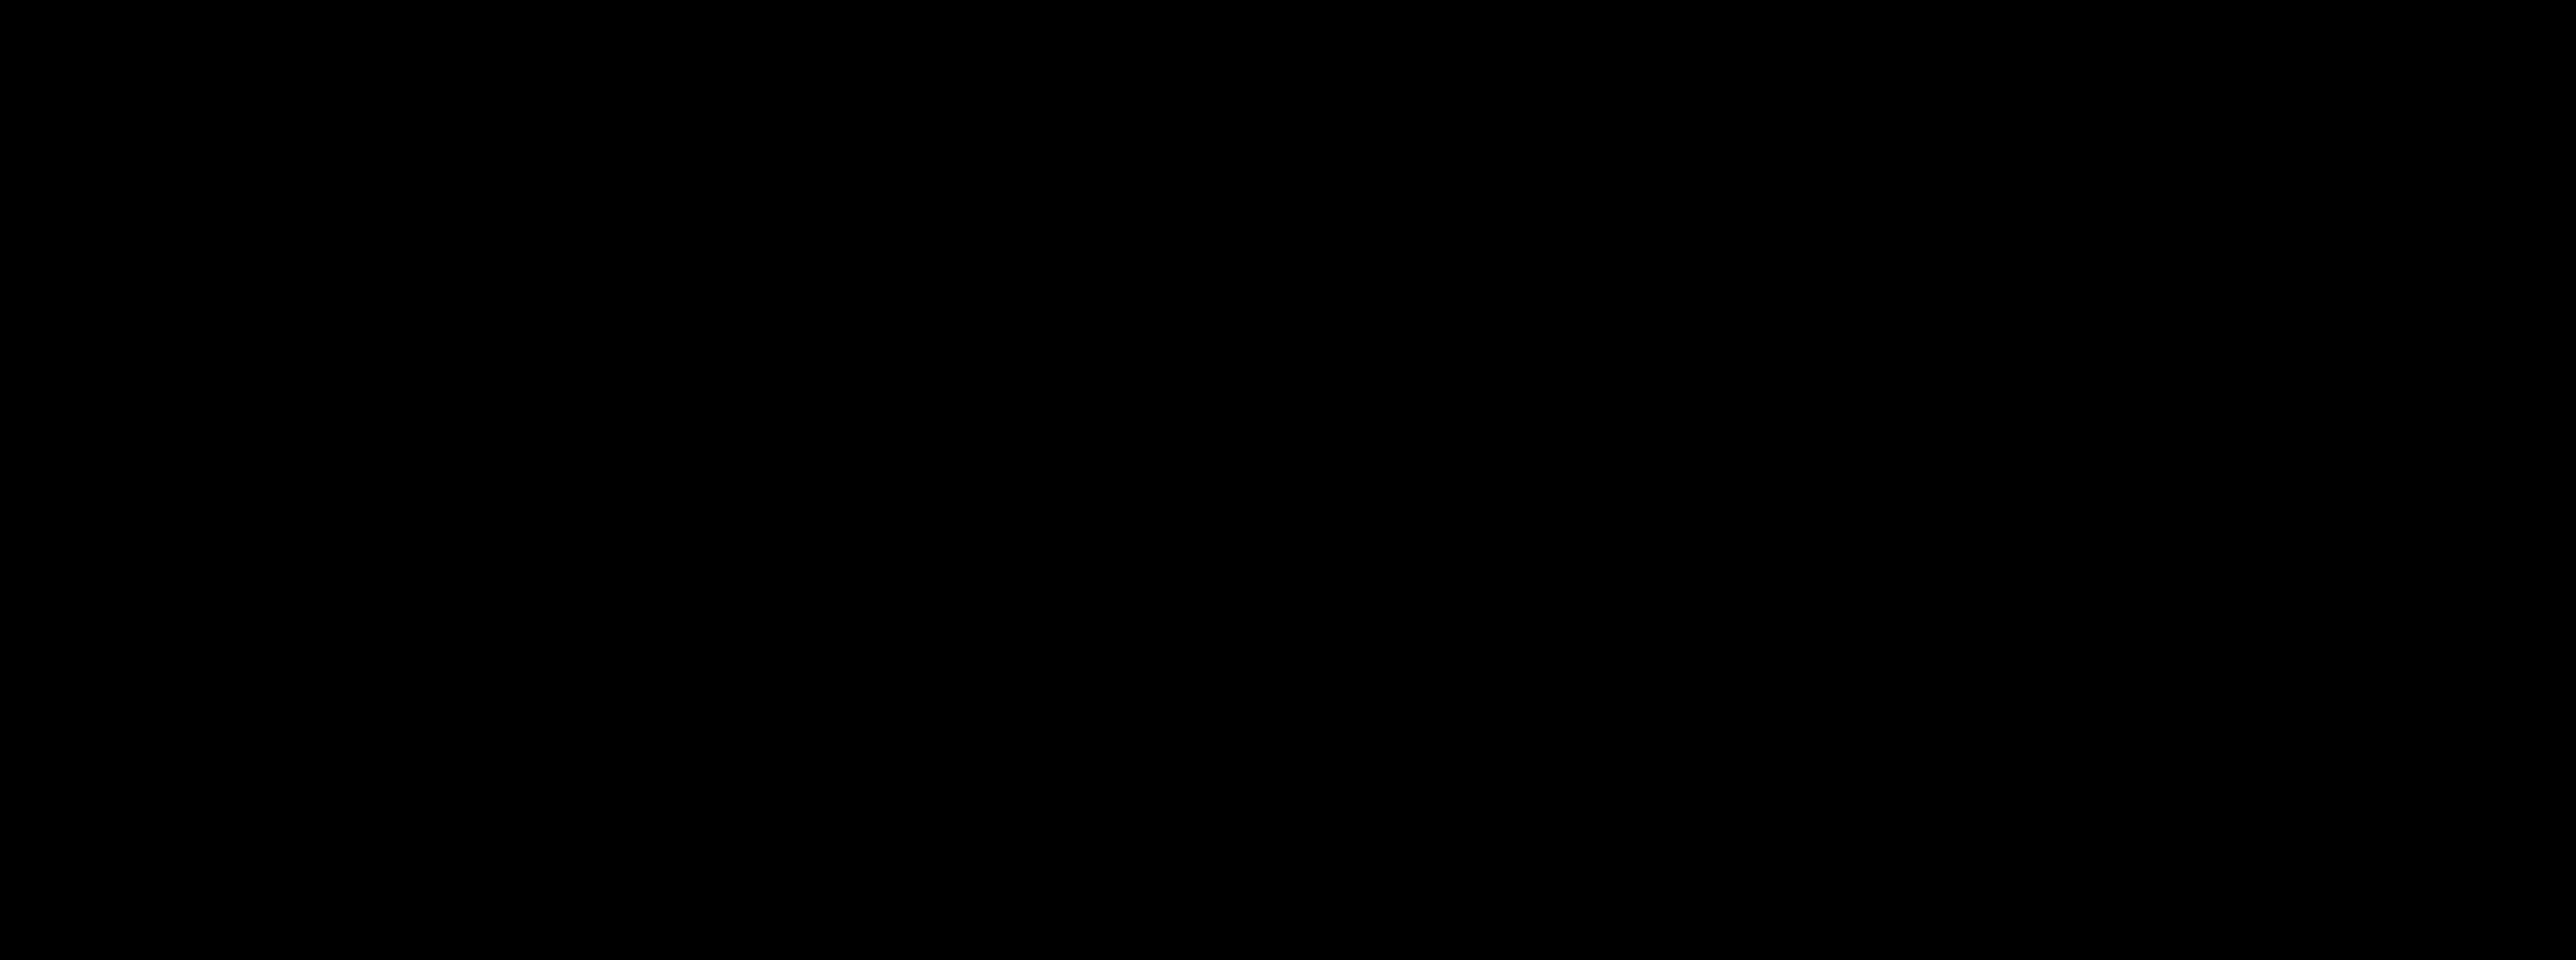 2019 SK Novinky LG_redakční_RN3110